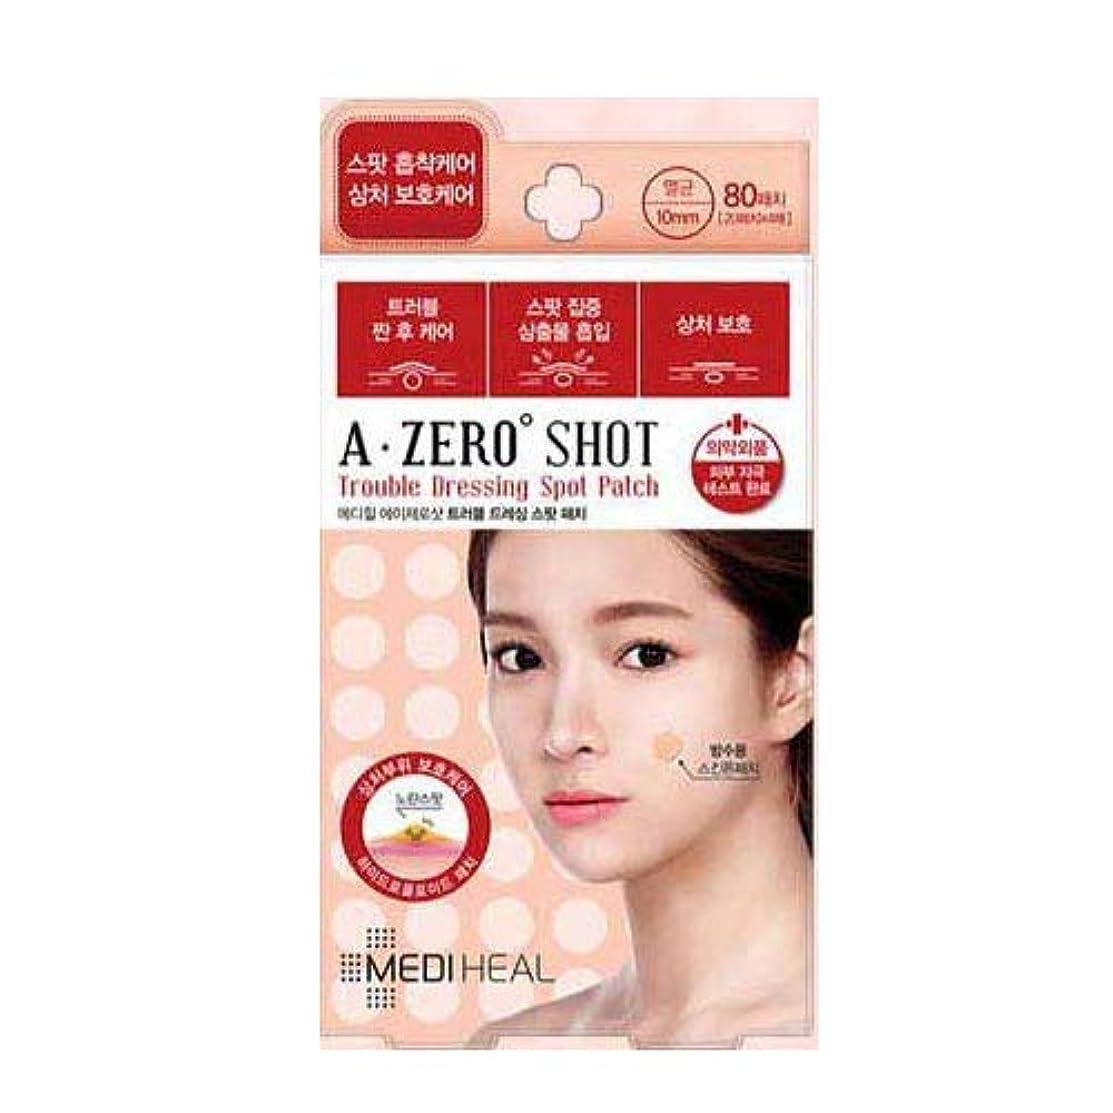 重要な明確に分布MEDIHEAL A-zero Shot Trouble Dressing Spot Patch Clear Spot Patch トラブル軽減